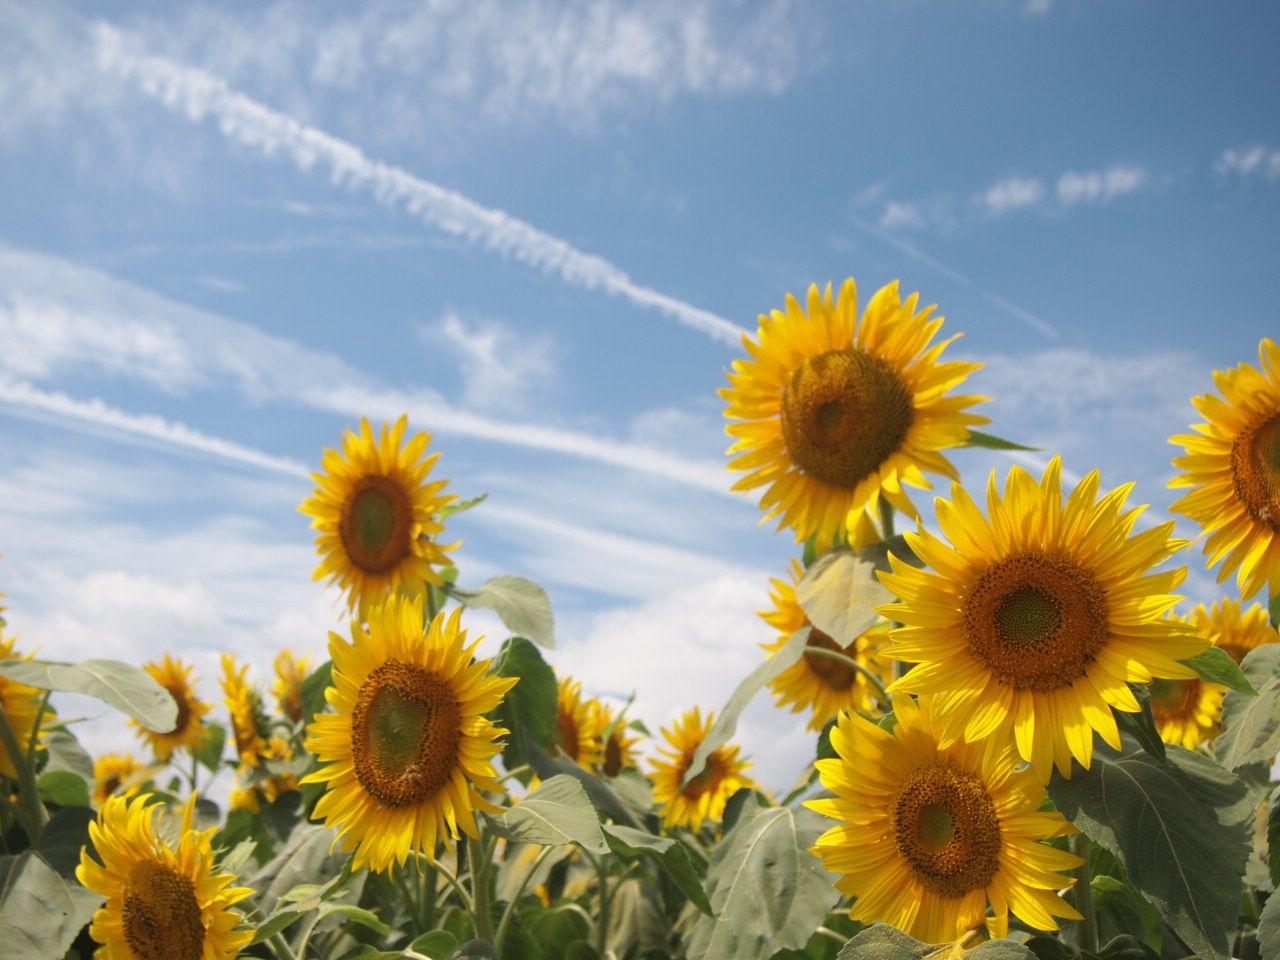 日照時間は日本一!!太陽の日差しがたっぷりのひまわり畑